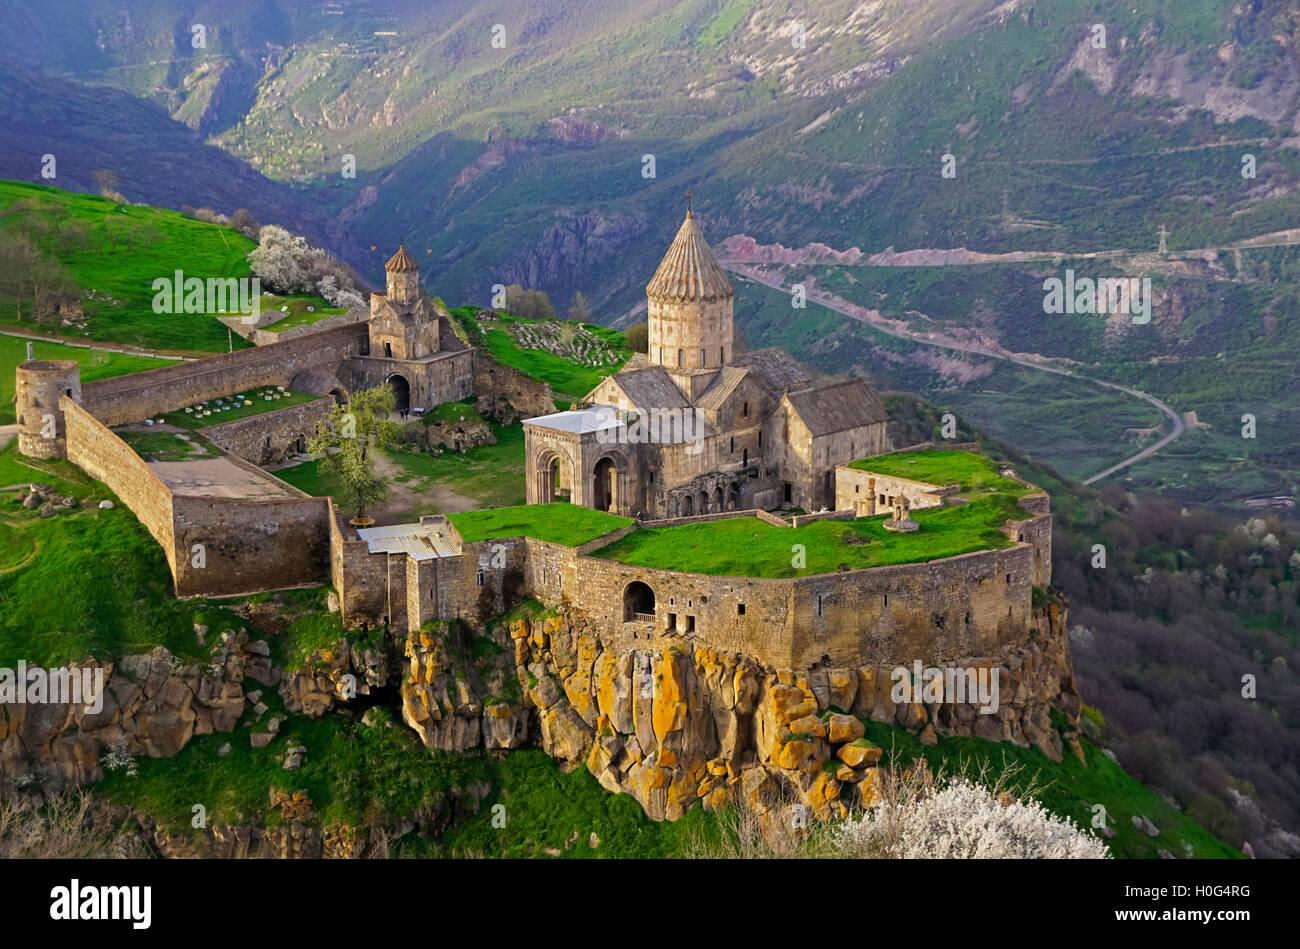 9 do século XIX na província de Syunik Mosteiro Tatev, sudeste arménia. Imagens de Stock